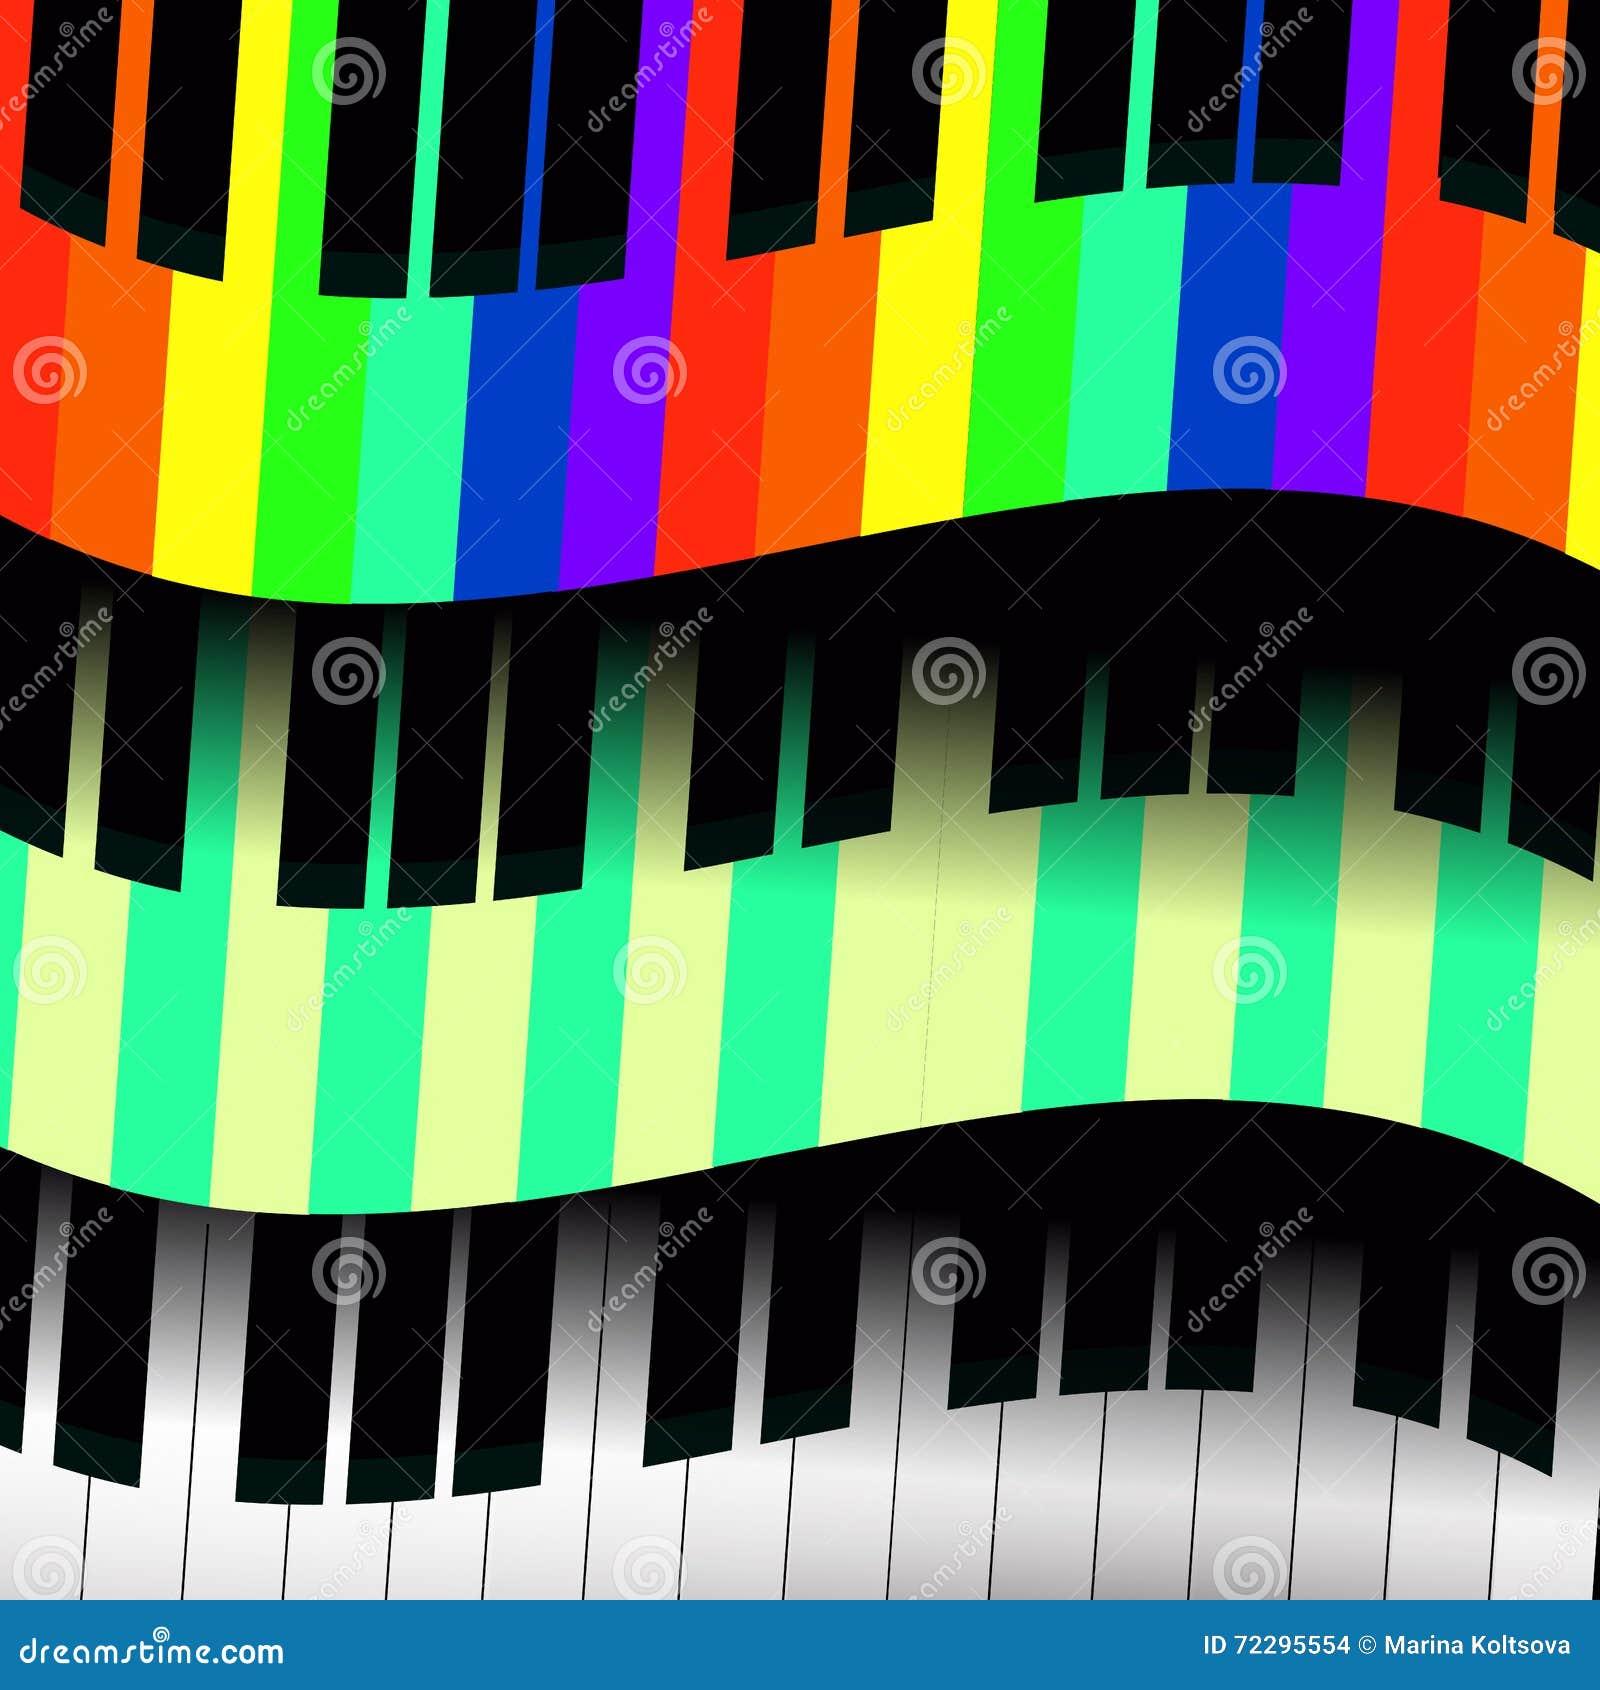 Download Ключи рояля в форме волн иллюстрация вектора. иллюстрации насчитывающей волны - 72295554